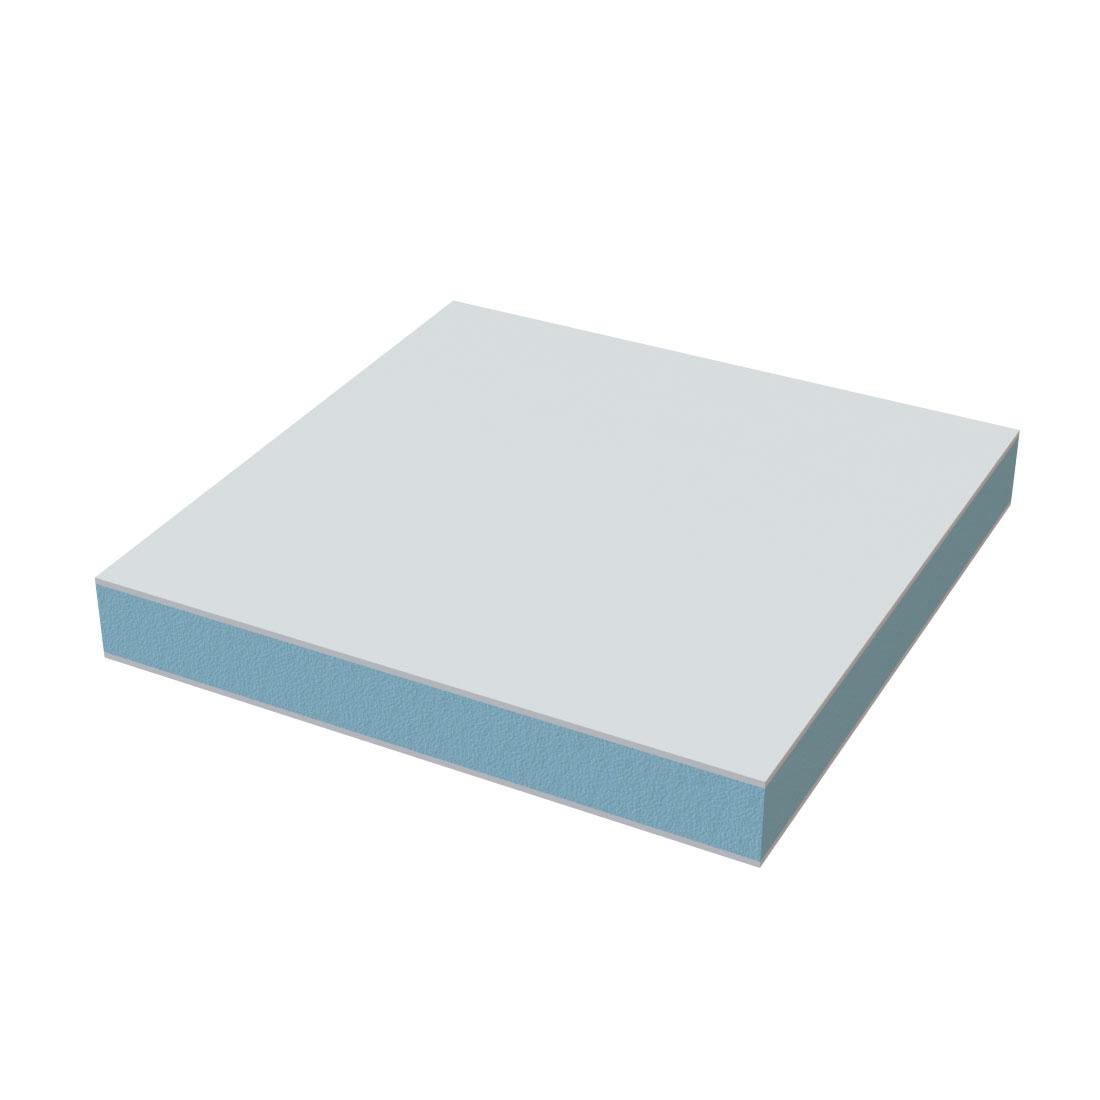 SWP FB-1/SL 10 1,3MM Zijdemat Wit RAL9016 3000x1500x24mm